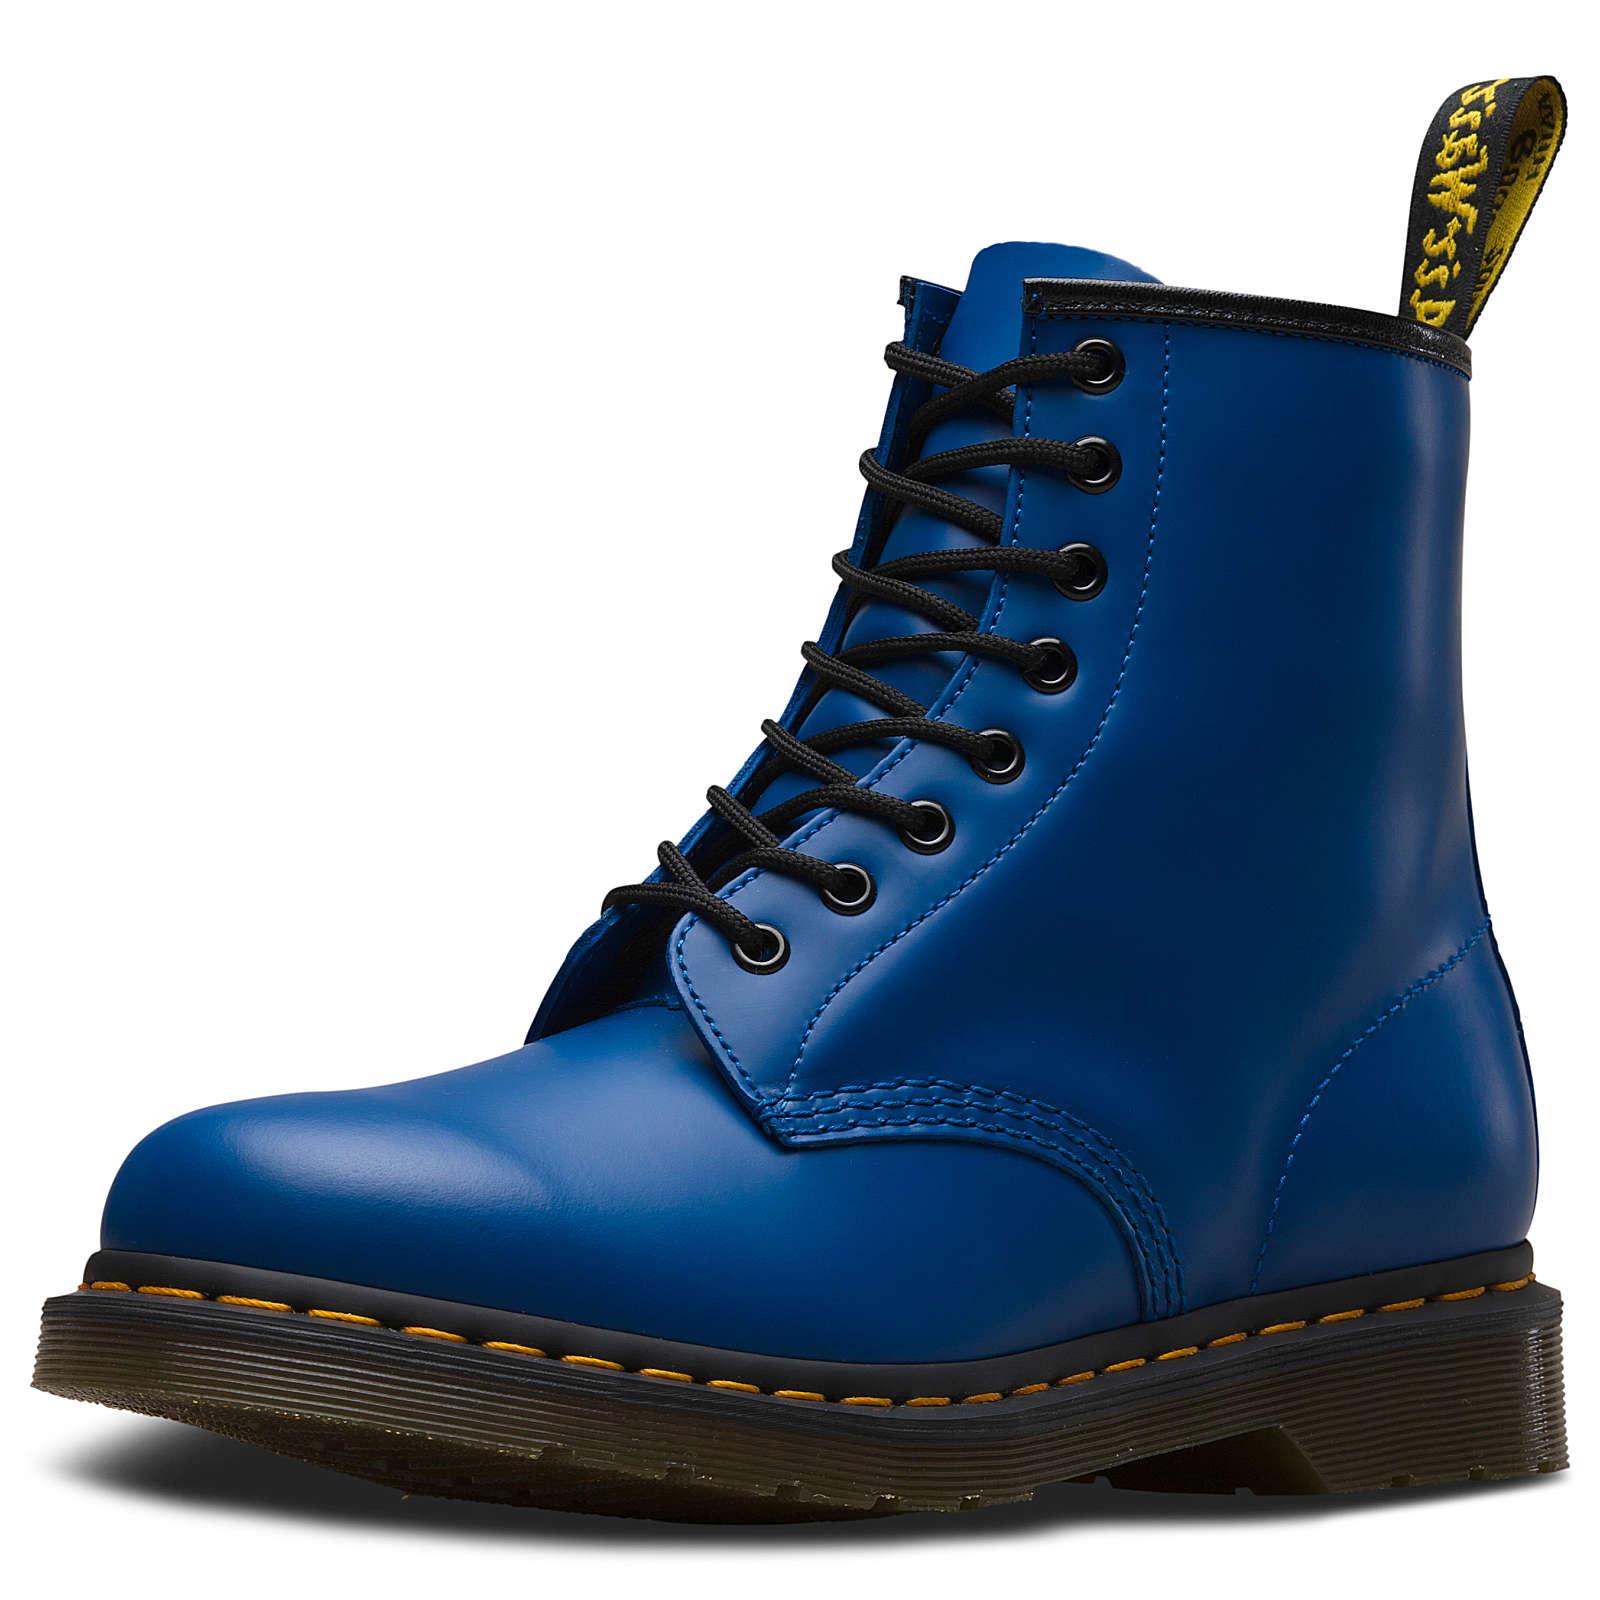 Dr. Martens 8 Eye Boot 1460 Smooth blau Gr. 37